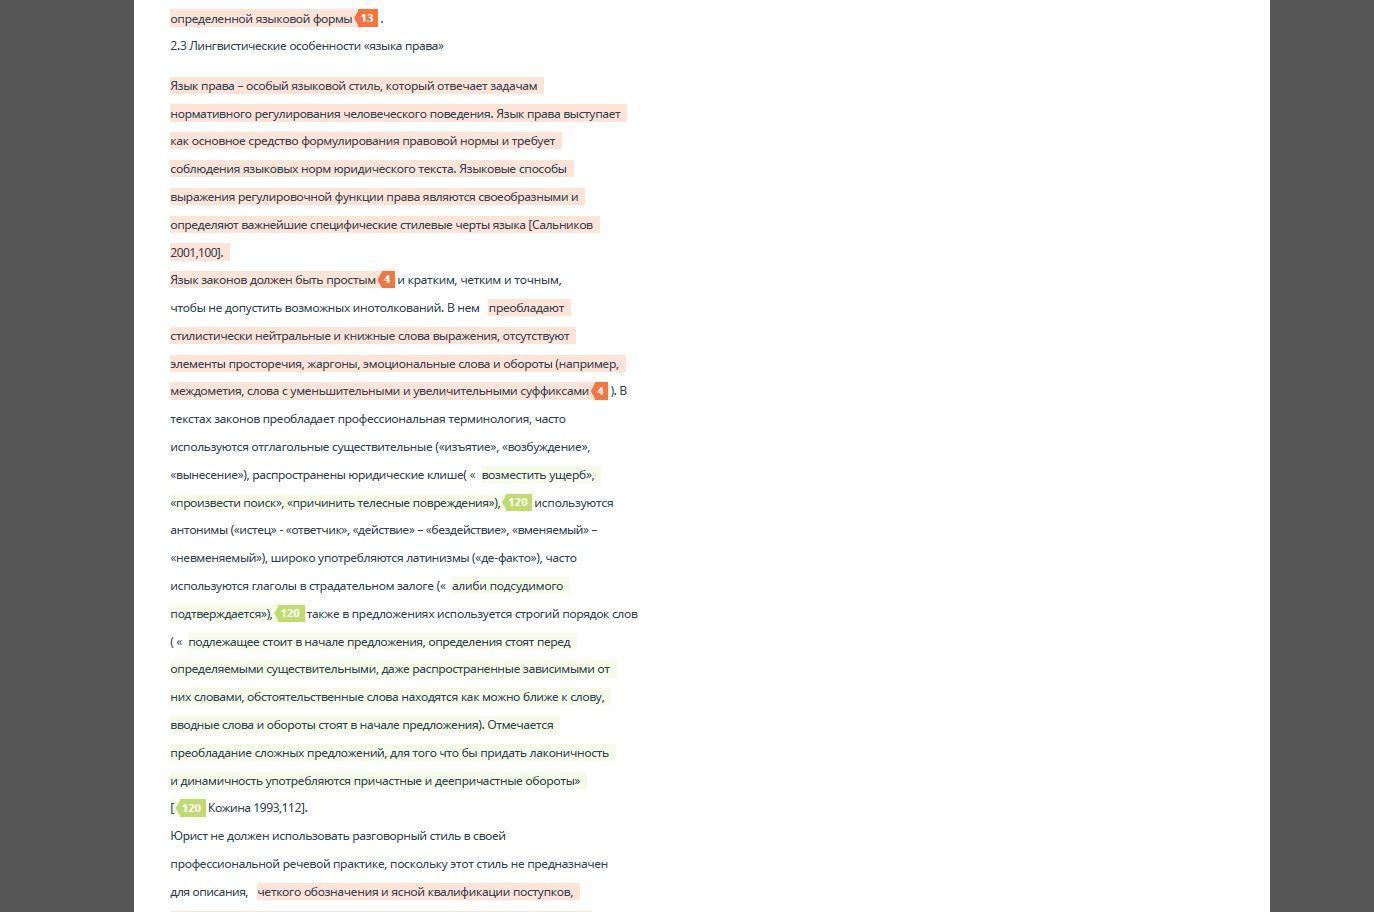 Описание: Картинки по запросу скрины полного отчета на антиплагиат вуз